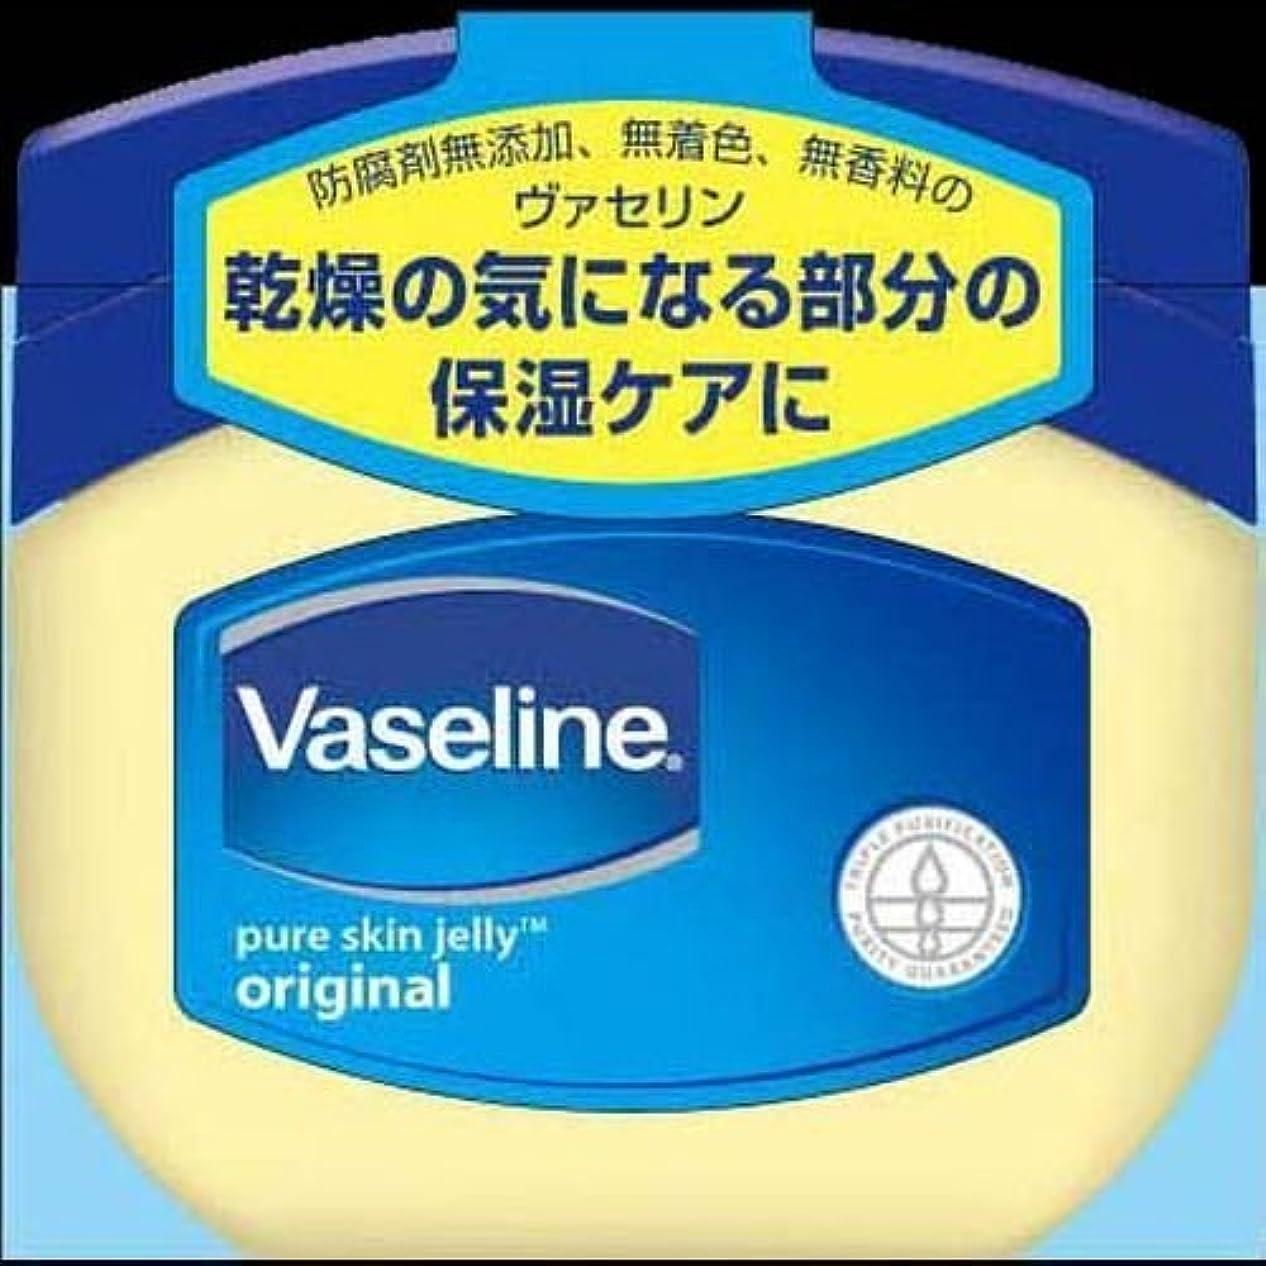 リーフレット会計肌寒い【まとめ買い】ヴァセリン オリジナルピュアスキンジェリー 80g ×2セット